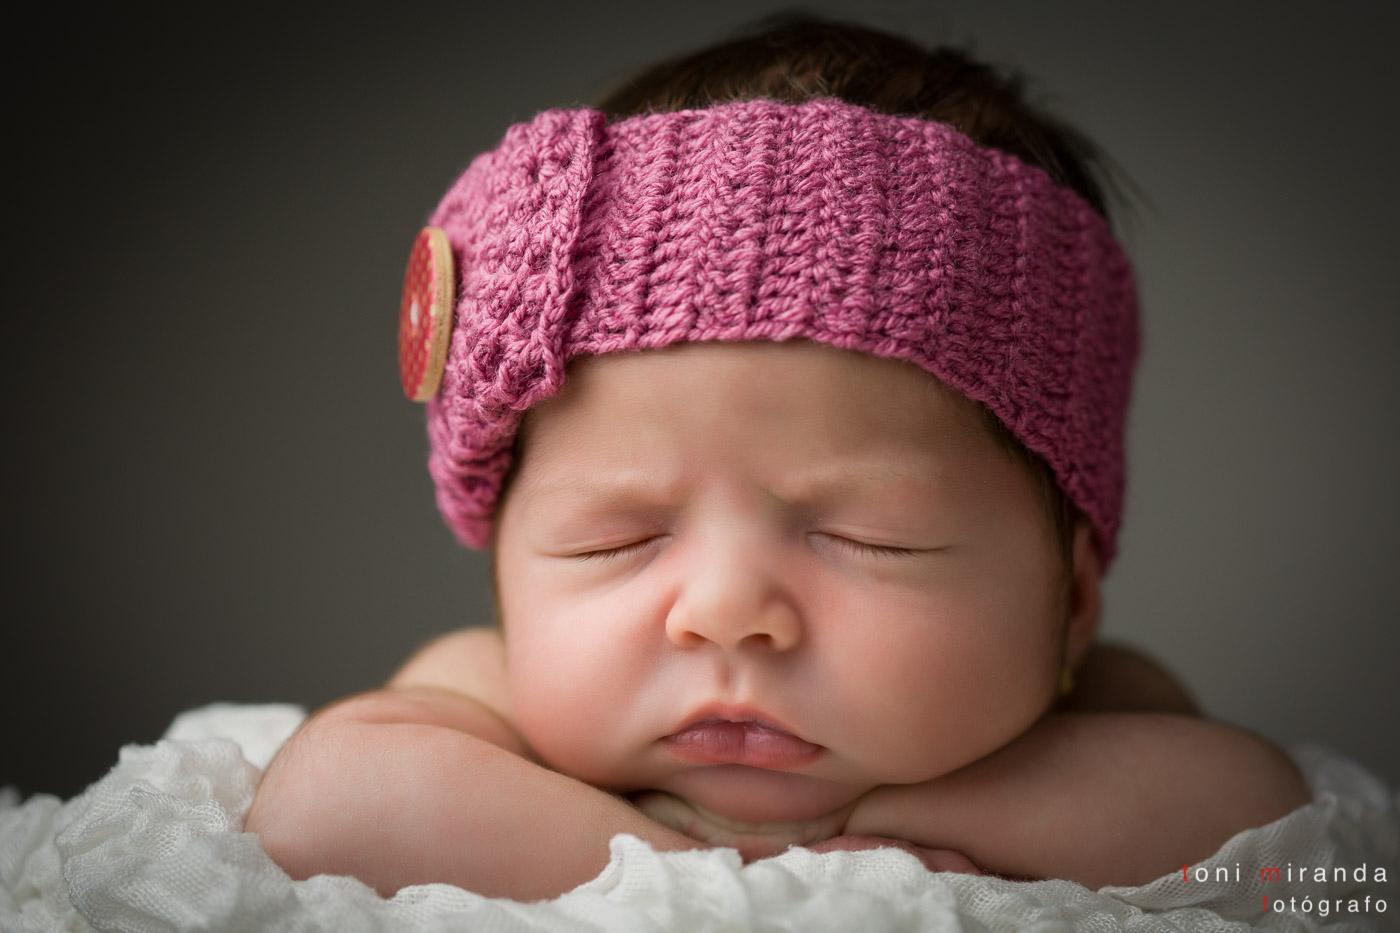 Recién nacida con diadema